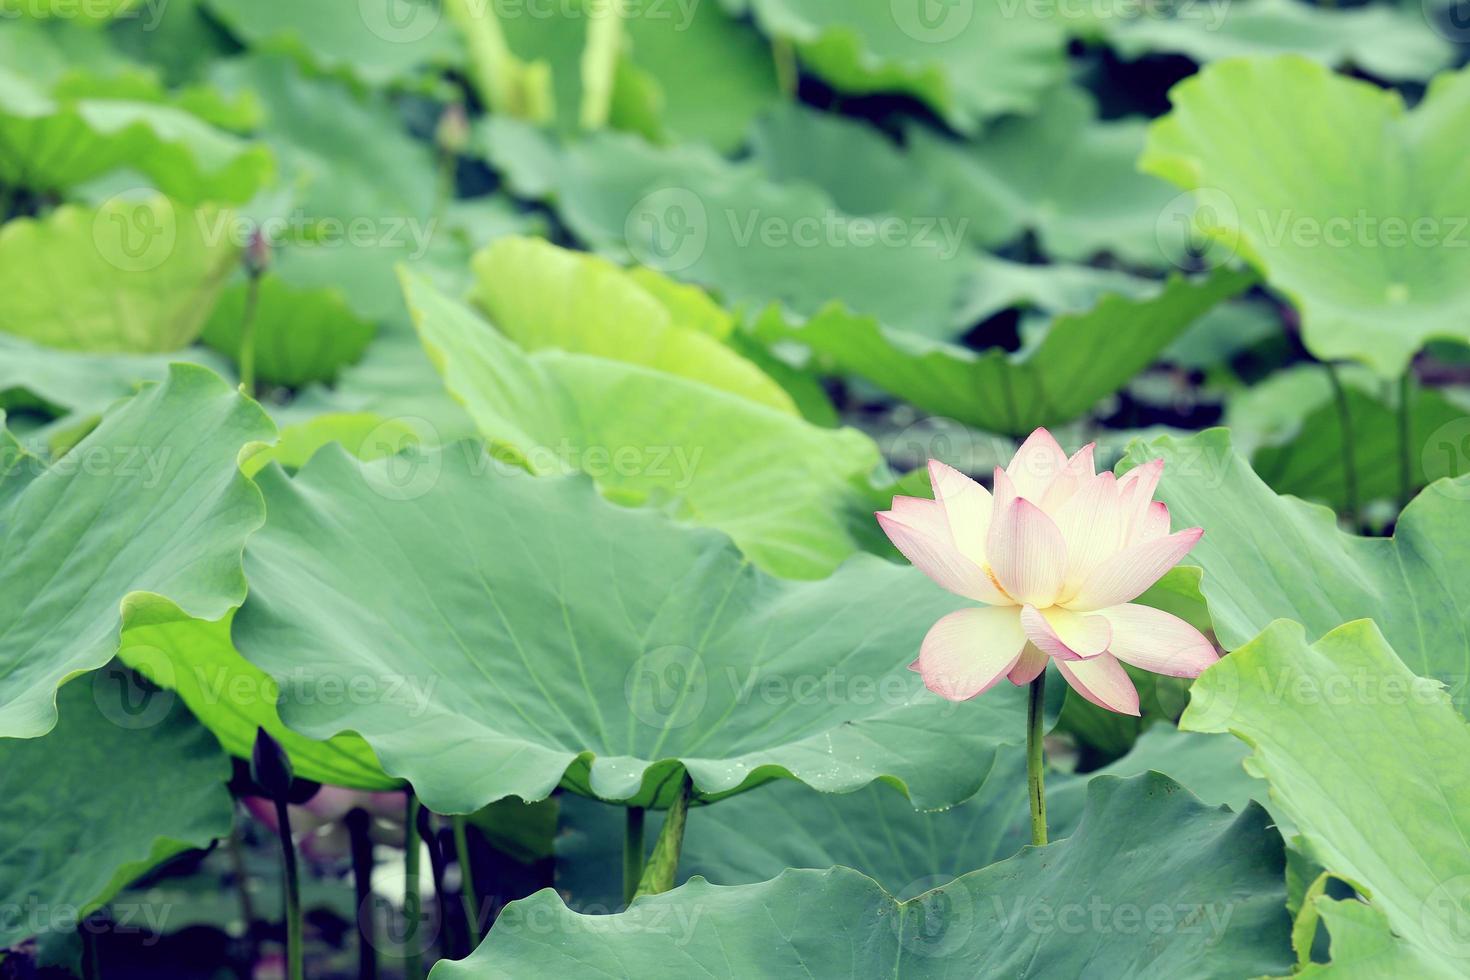 schöne Lotusblumen, die am Teich blühen foto